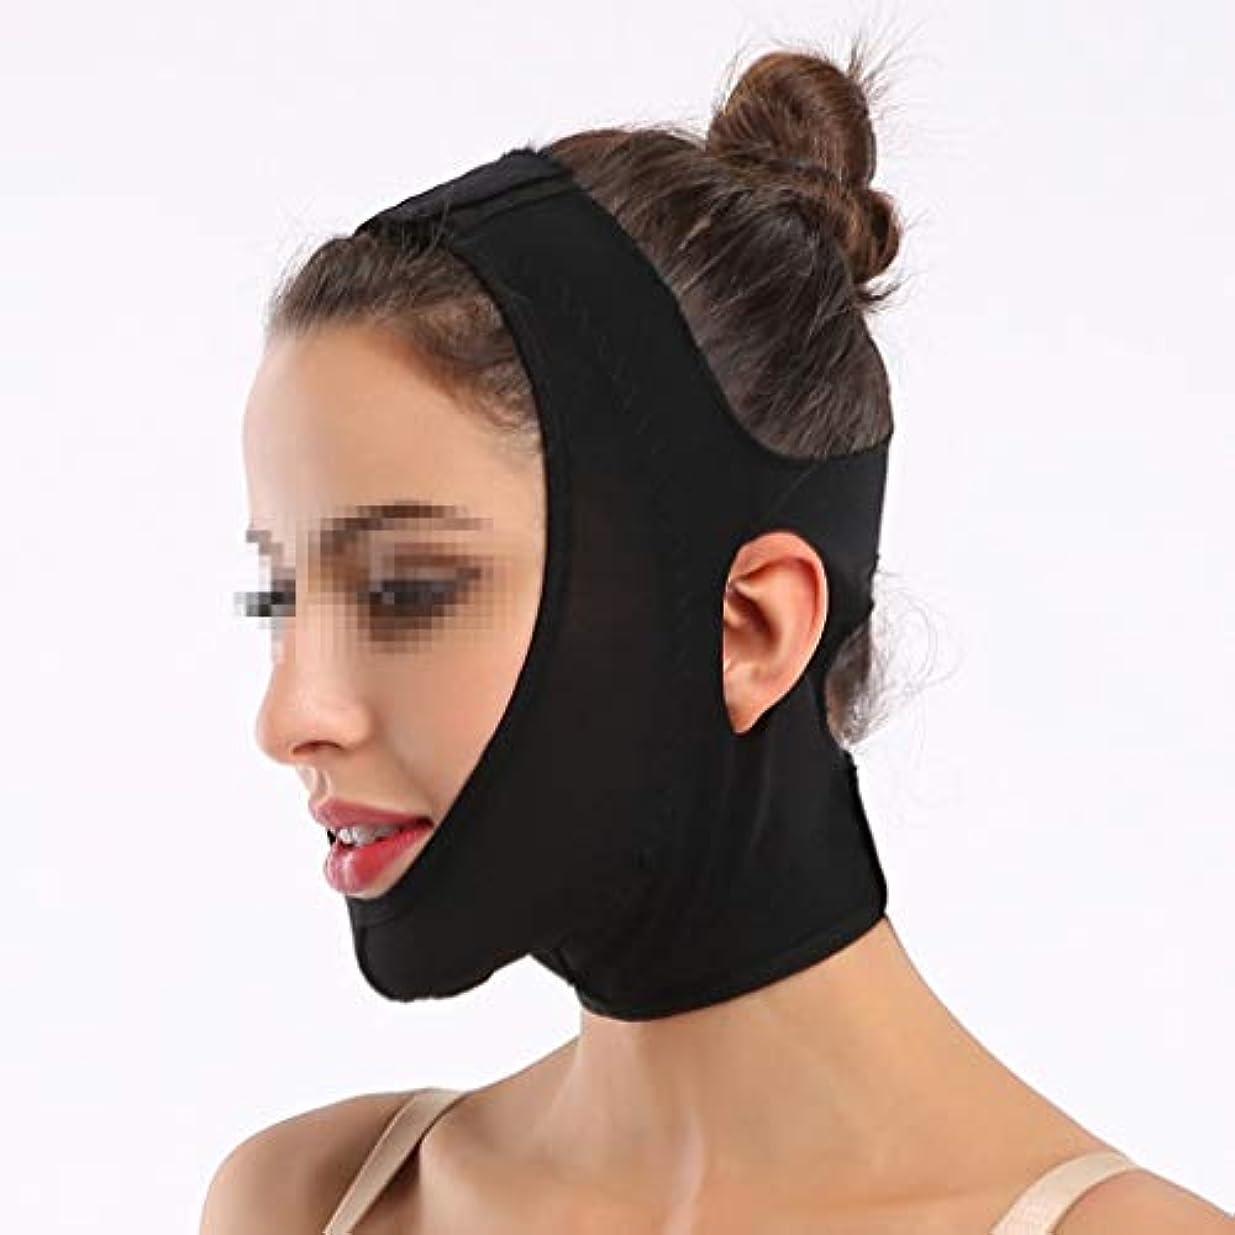 側溝ペルソナ私たちVフェイスマスク、包帯マスクを持ち上げて引き締めるスキニービューティーサロン1日2時間Vフェイスマッサージ術後回復